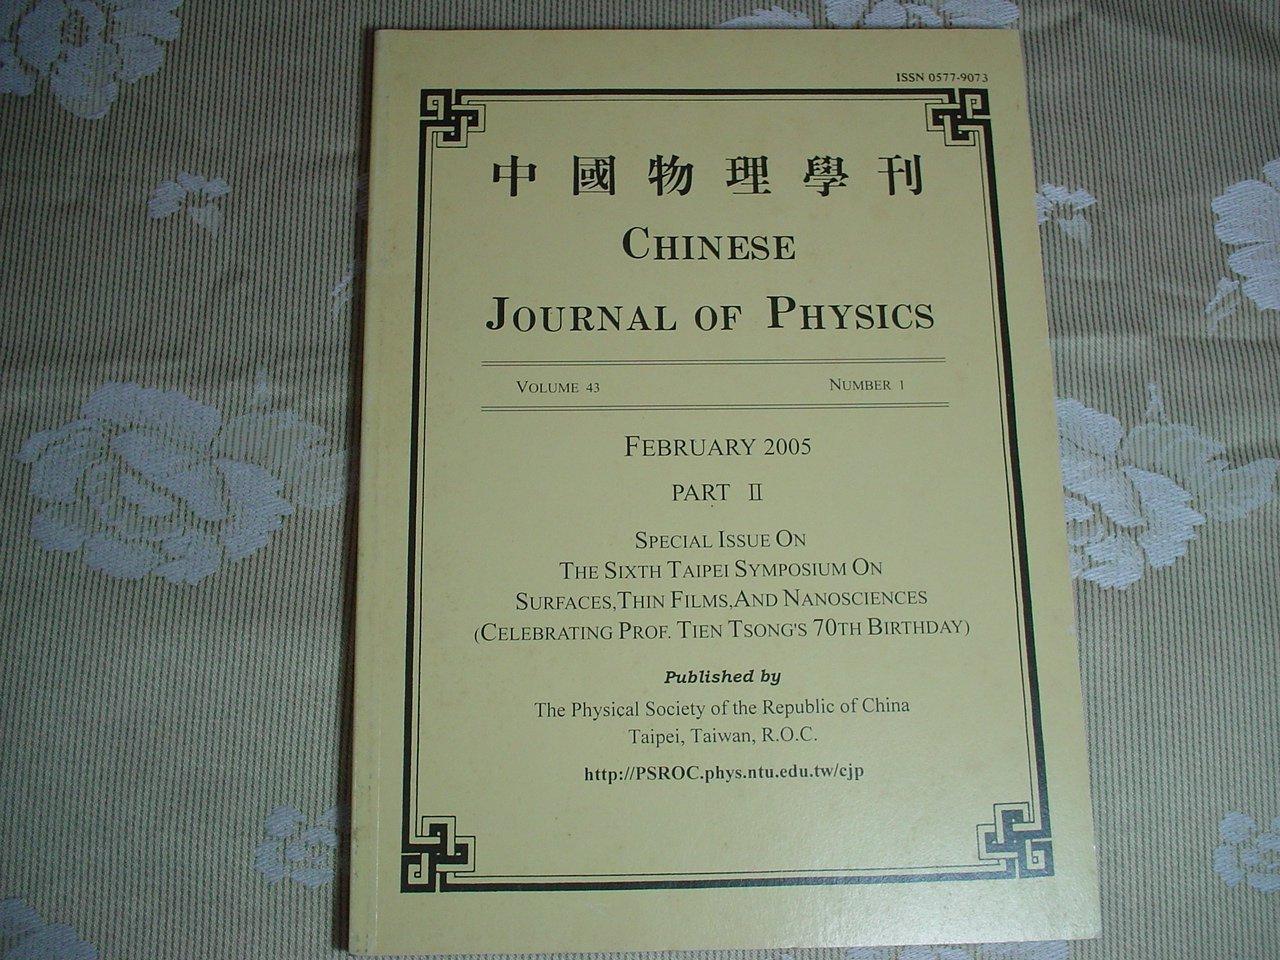 中國物理學刊 Vol.43 Number 1 2005年2月 書況為實品拍攝,無標記,如新(如圖)【A2.113】